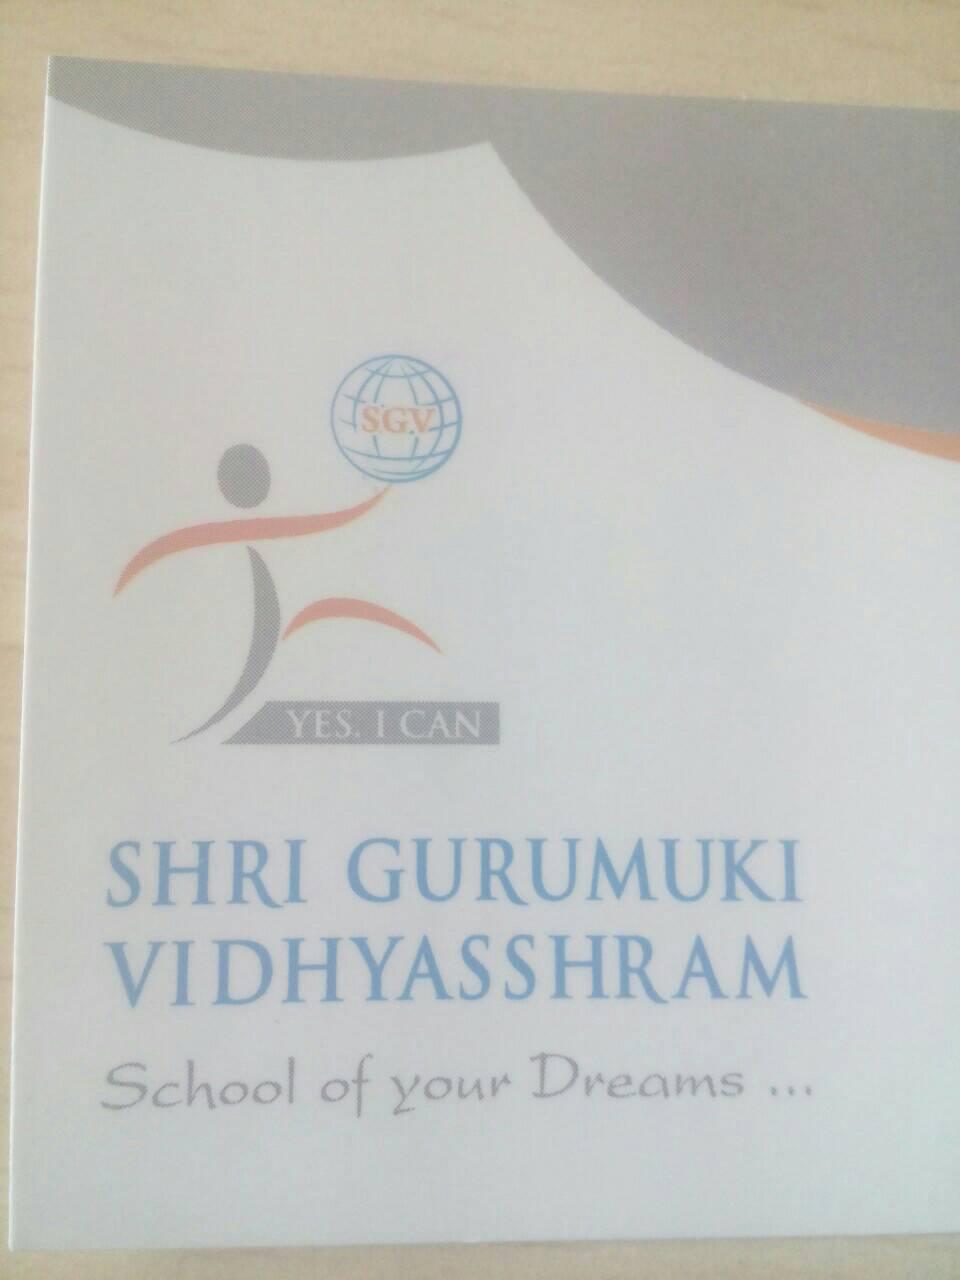 Shri Gurumuki Vidhyasshram